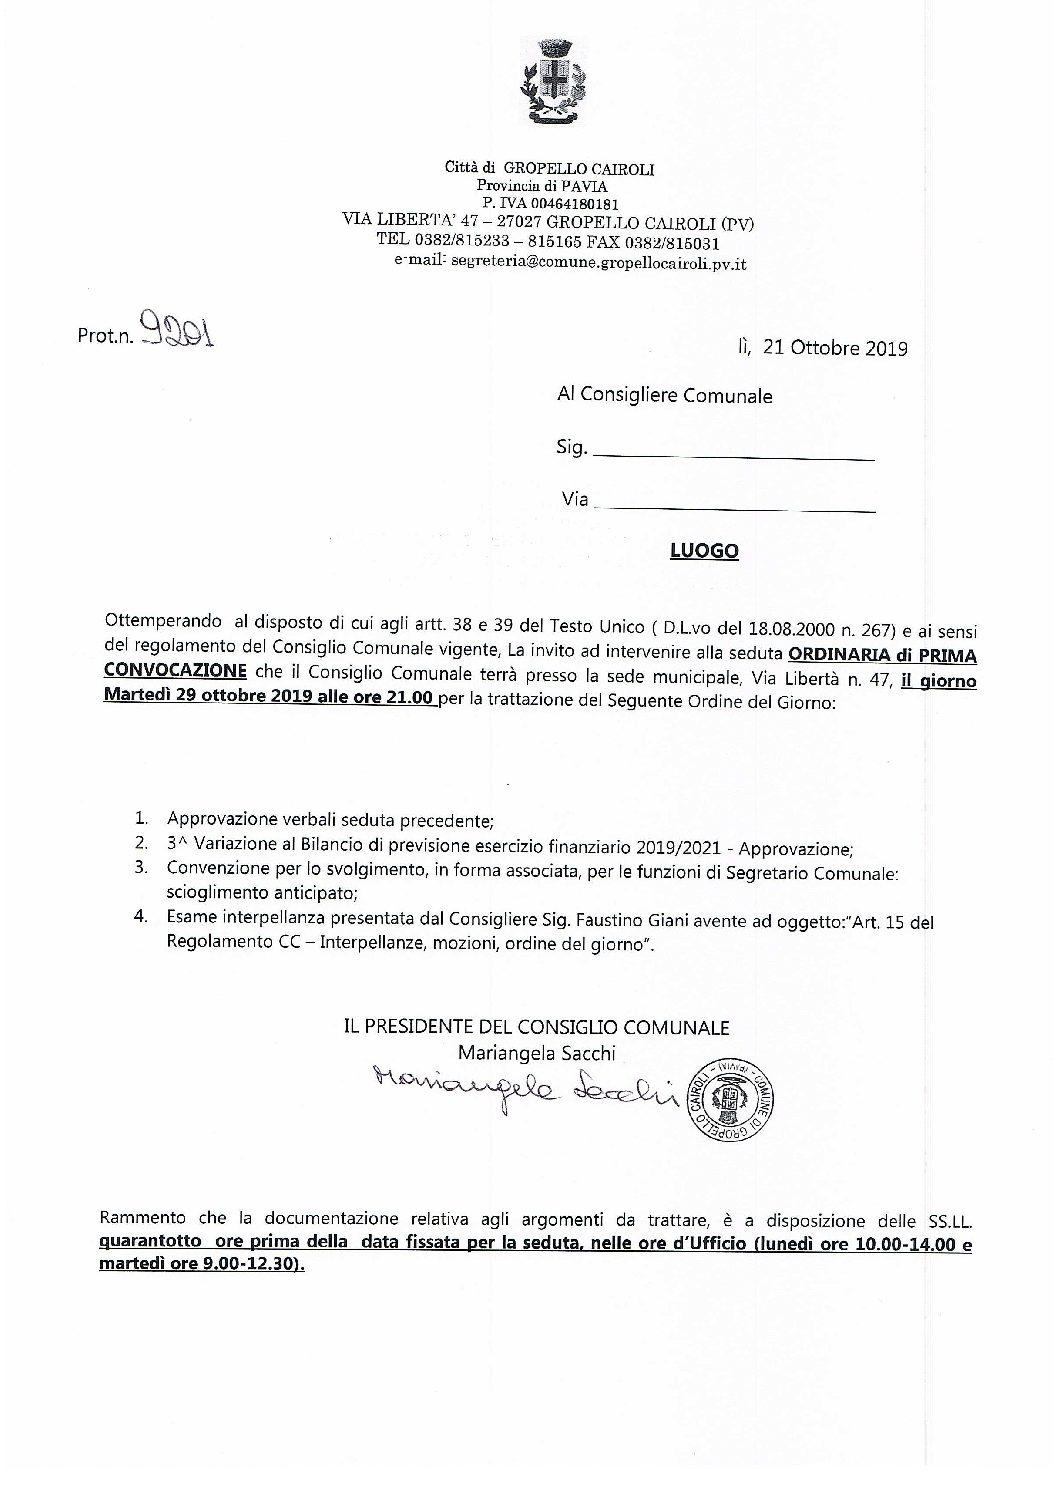 Consiglio Comunale del 29 Ottobre 2019 ore 21.00 – Ordine del giorno